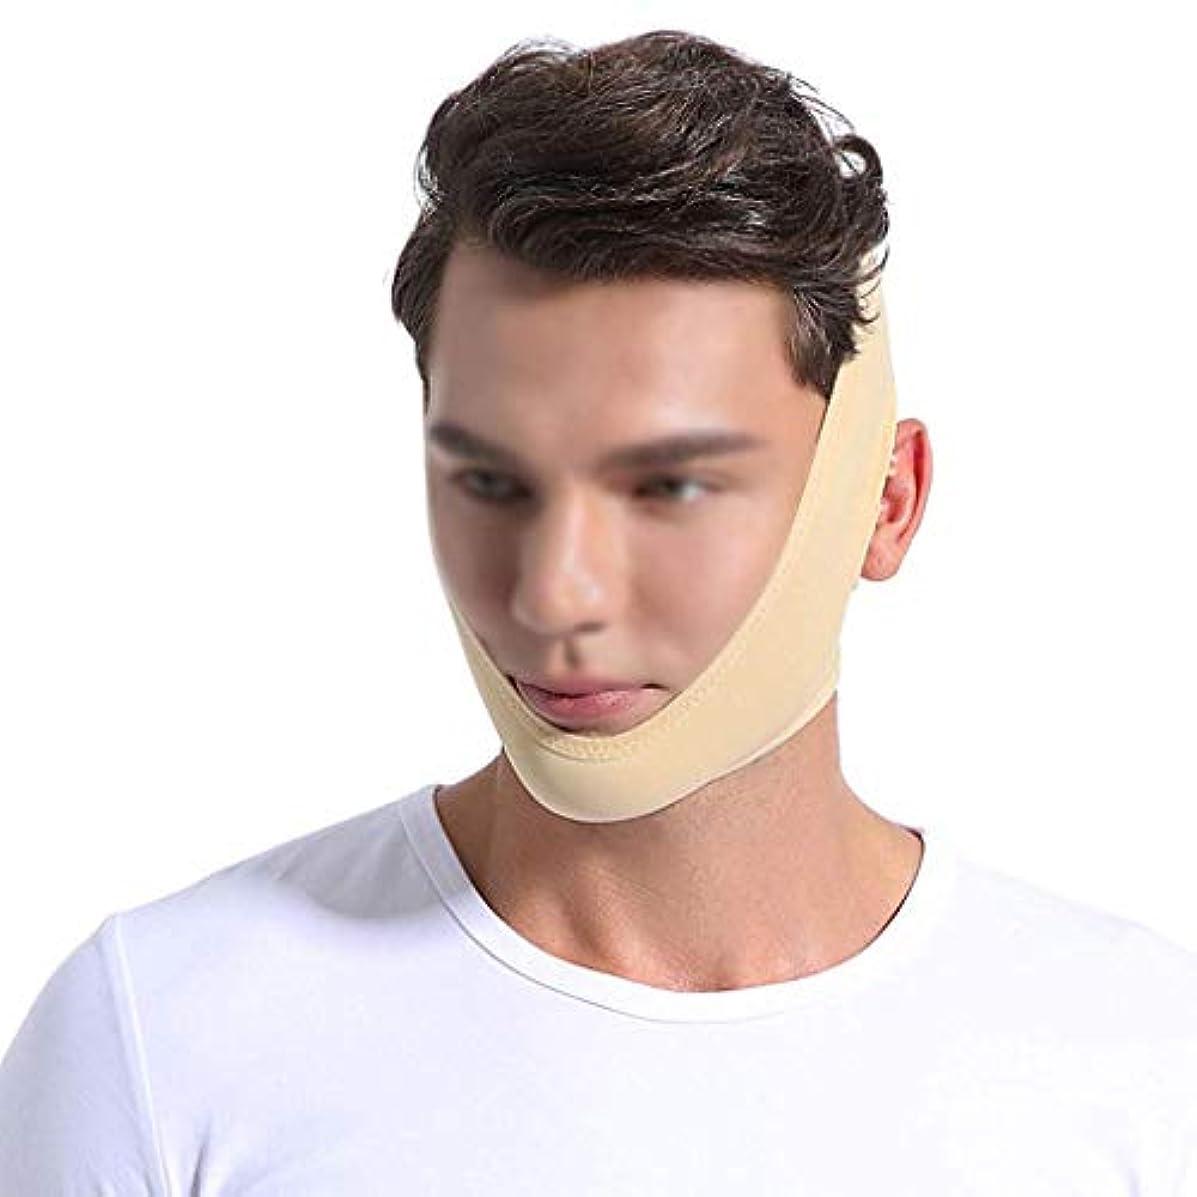 再開寝具成長は医療用ワイヤーカービングの後で持ち上がるマスクを再開します、人および女性の顔の伸縮性がある包帯のヘッドギア結ばれた小さいVの表面薄い表面マスク